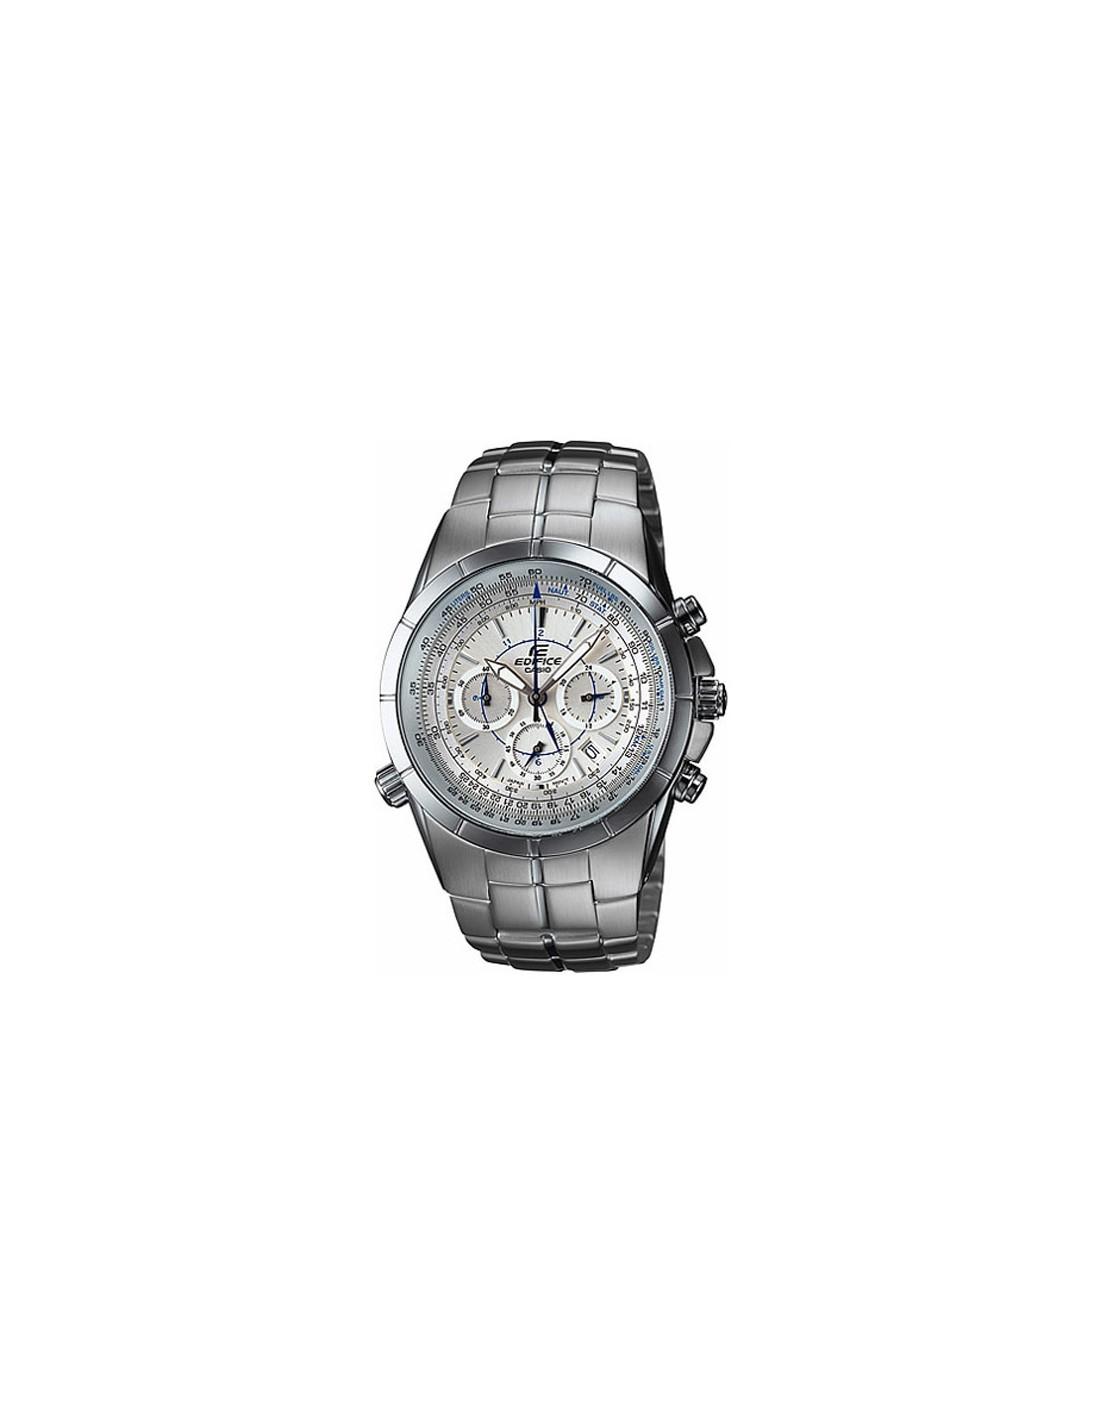 c3f1ad946f57 Reloj Casio Edifice EF-518D-7AVDF